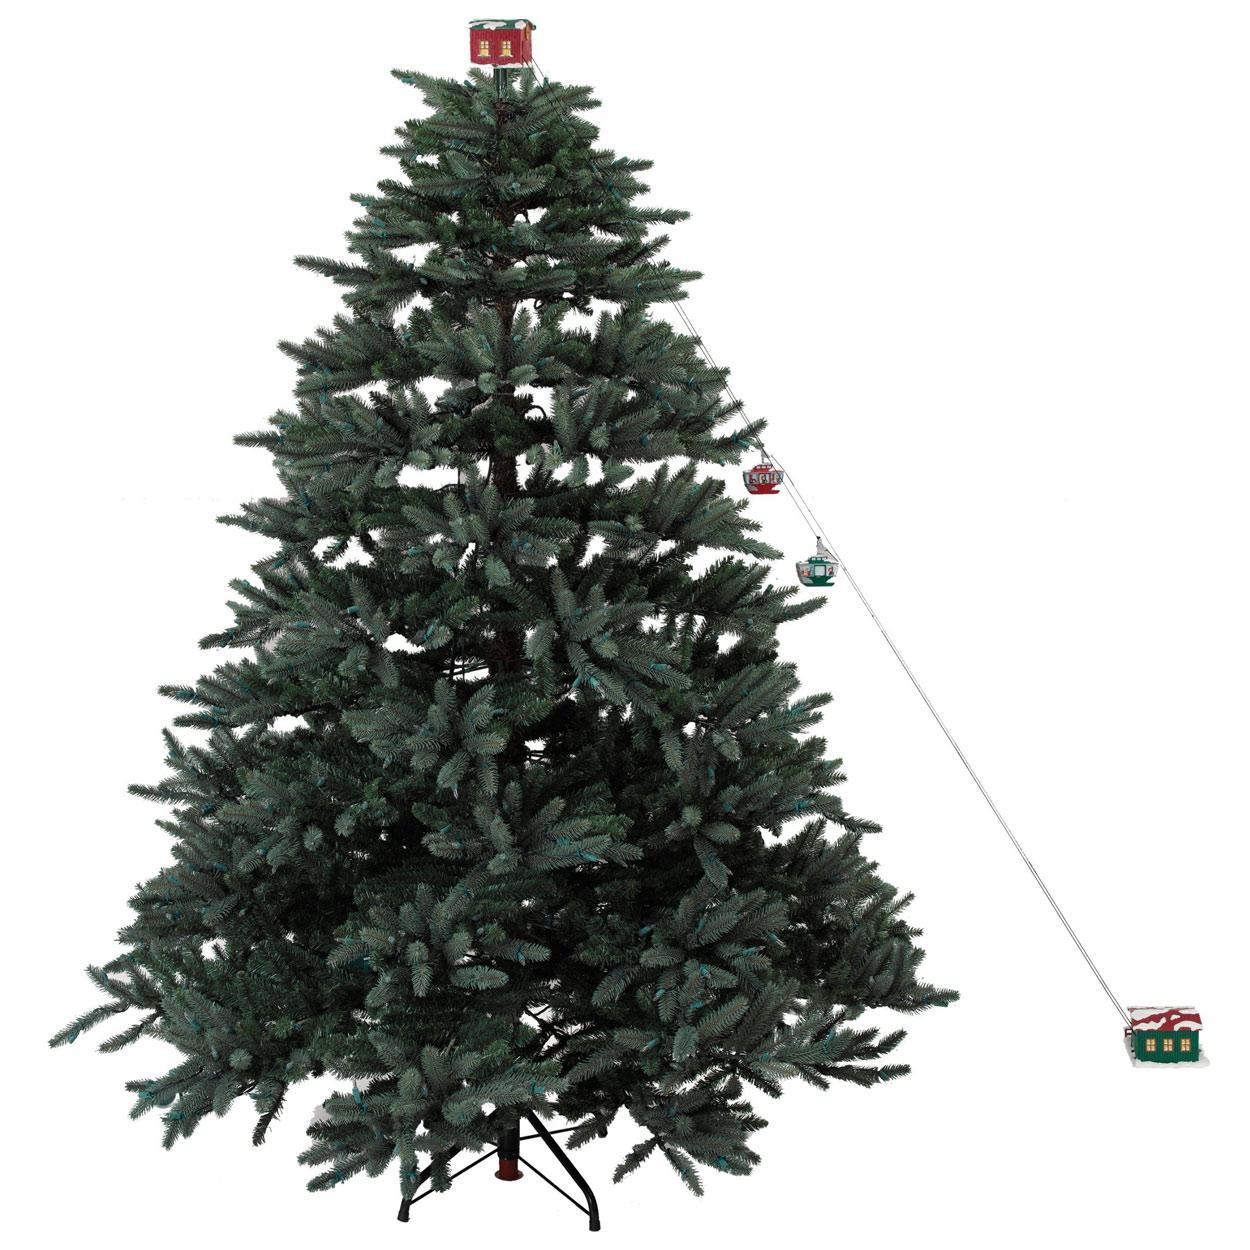 Animated Green Christmas Tree